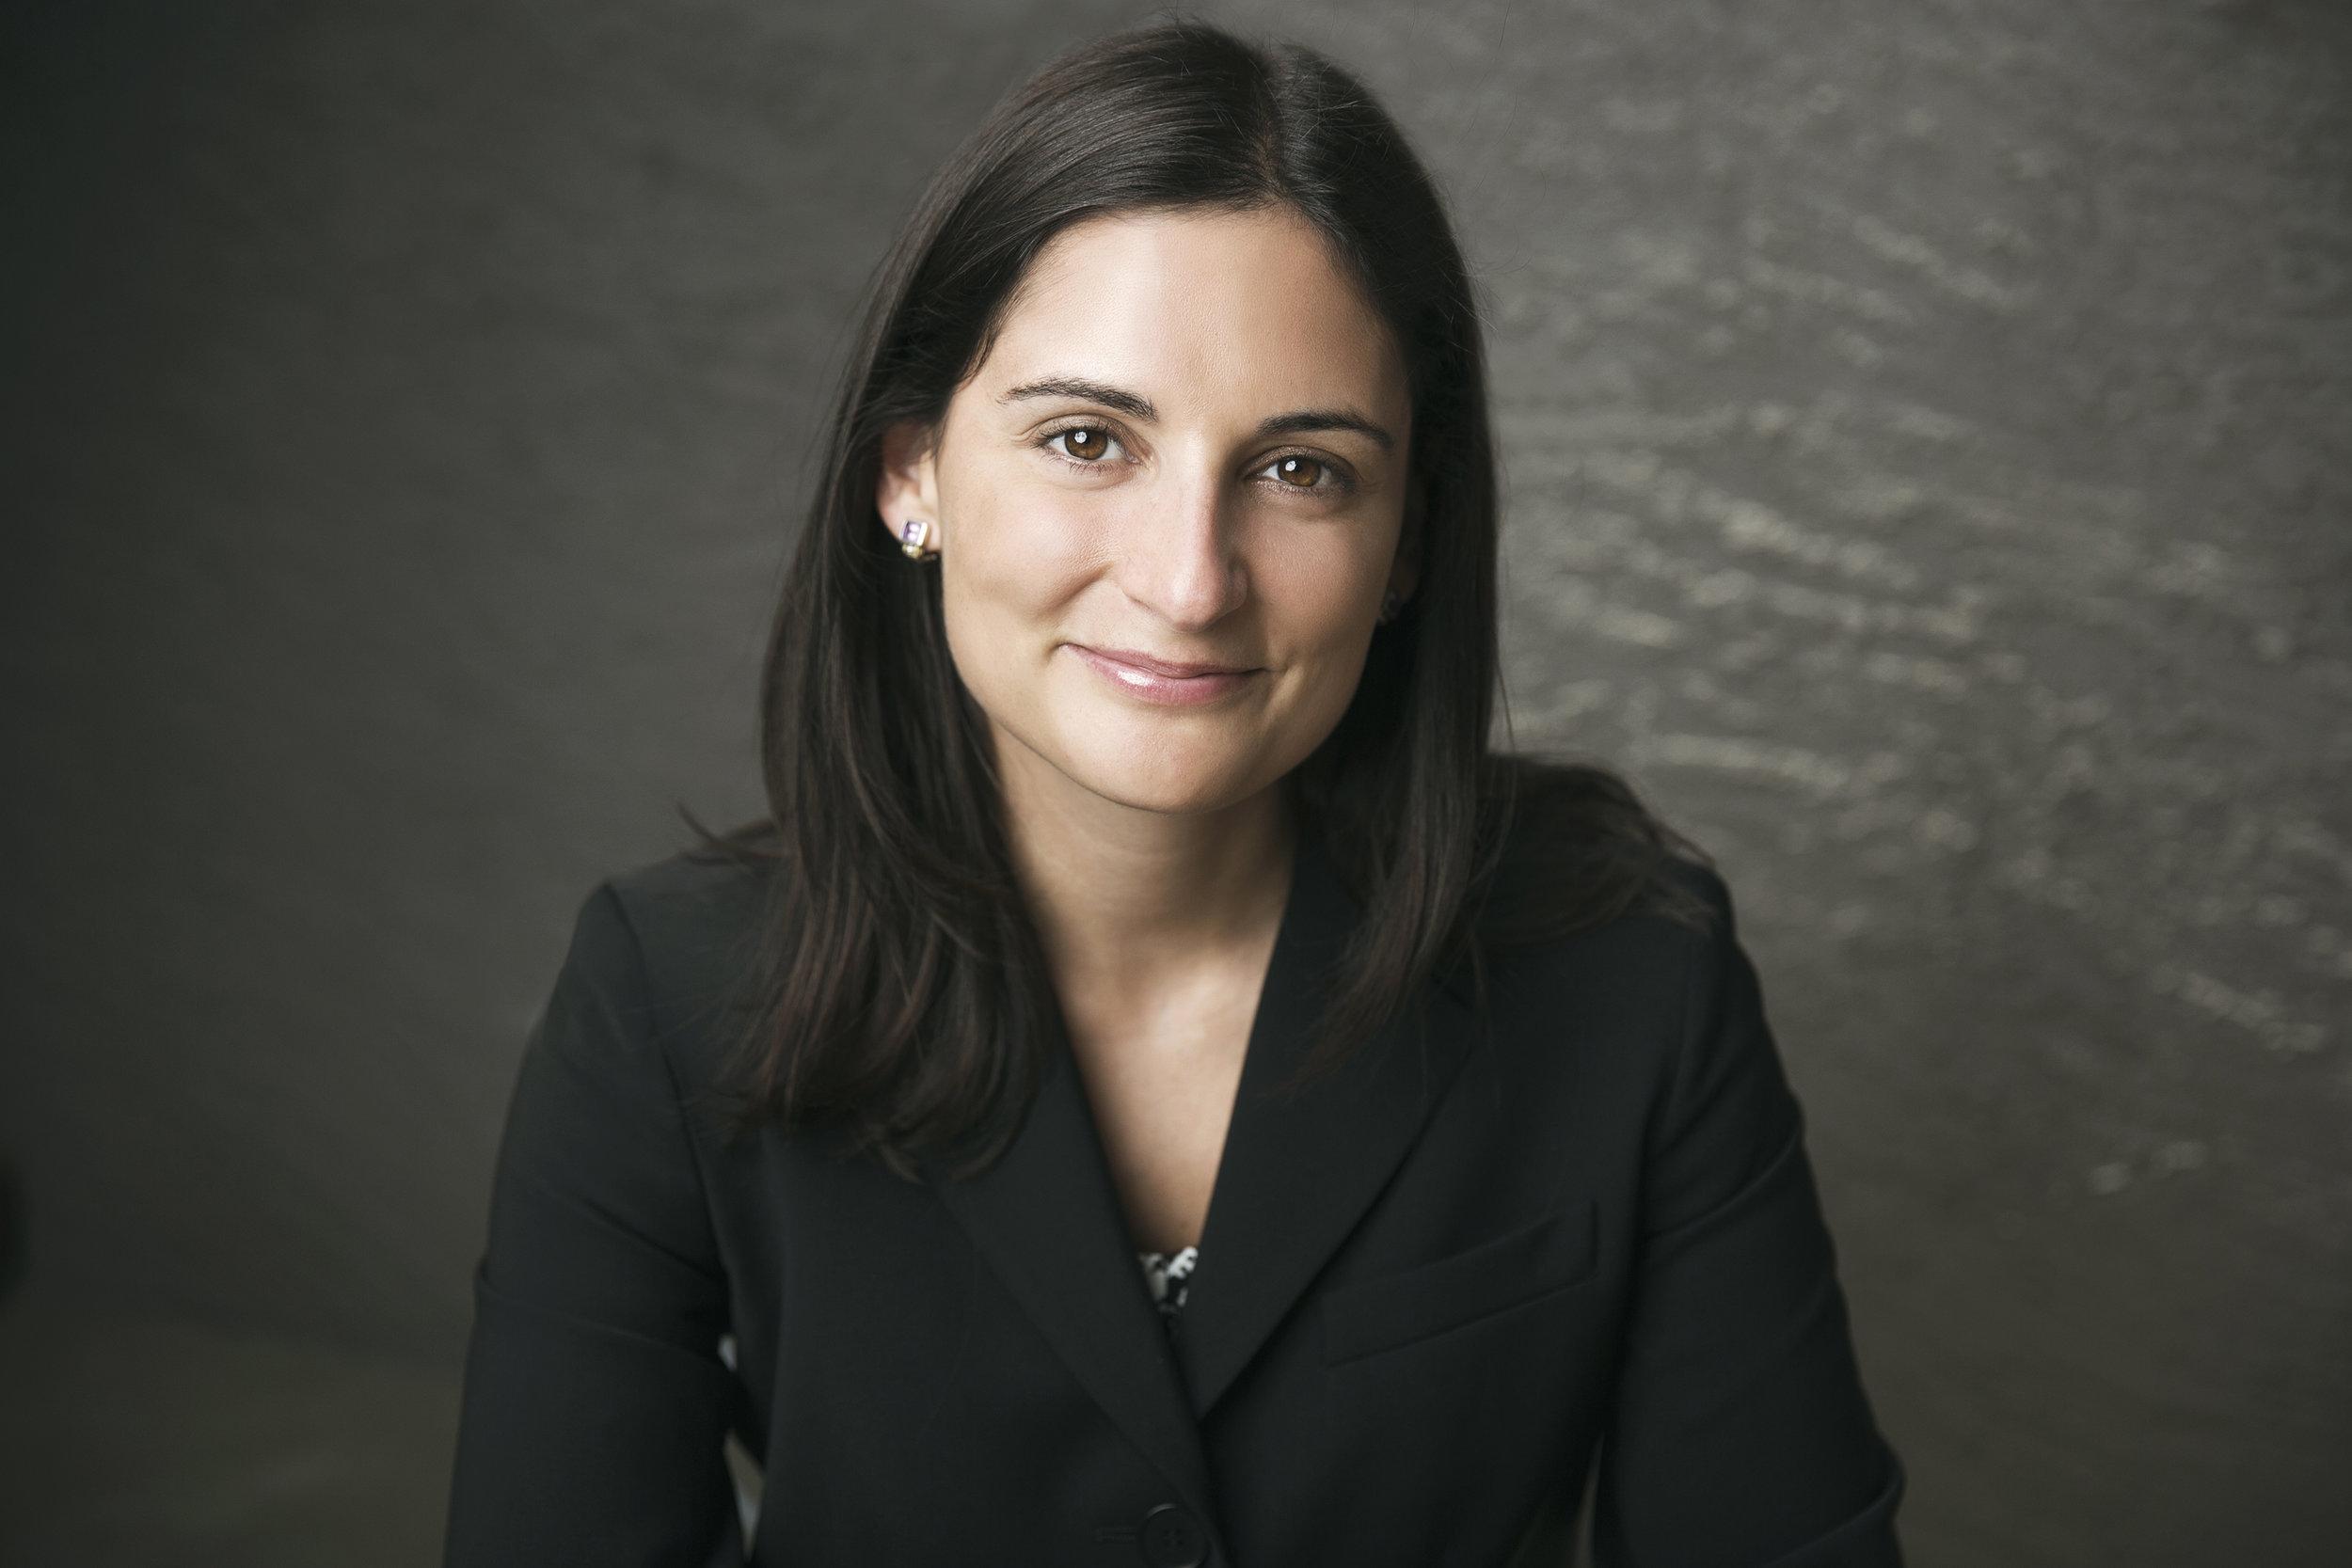 Dr. Valerie Braunstein